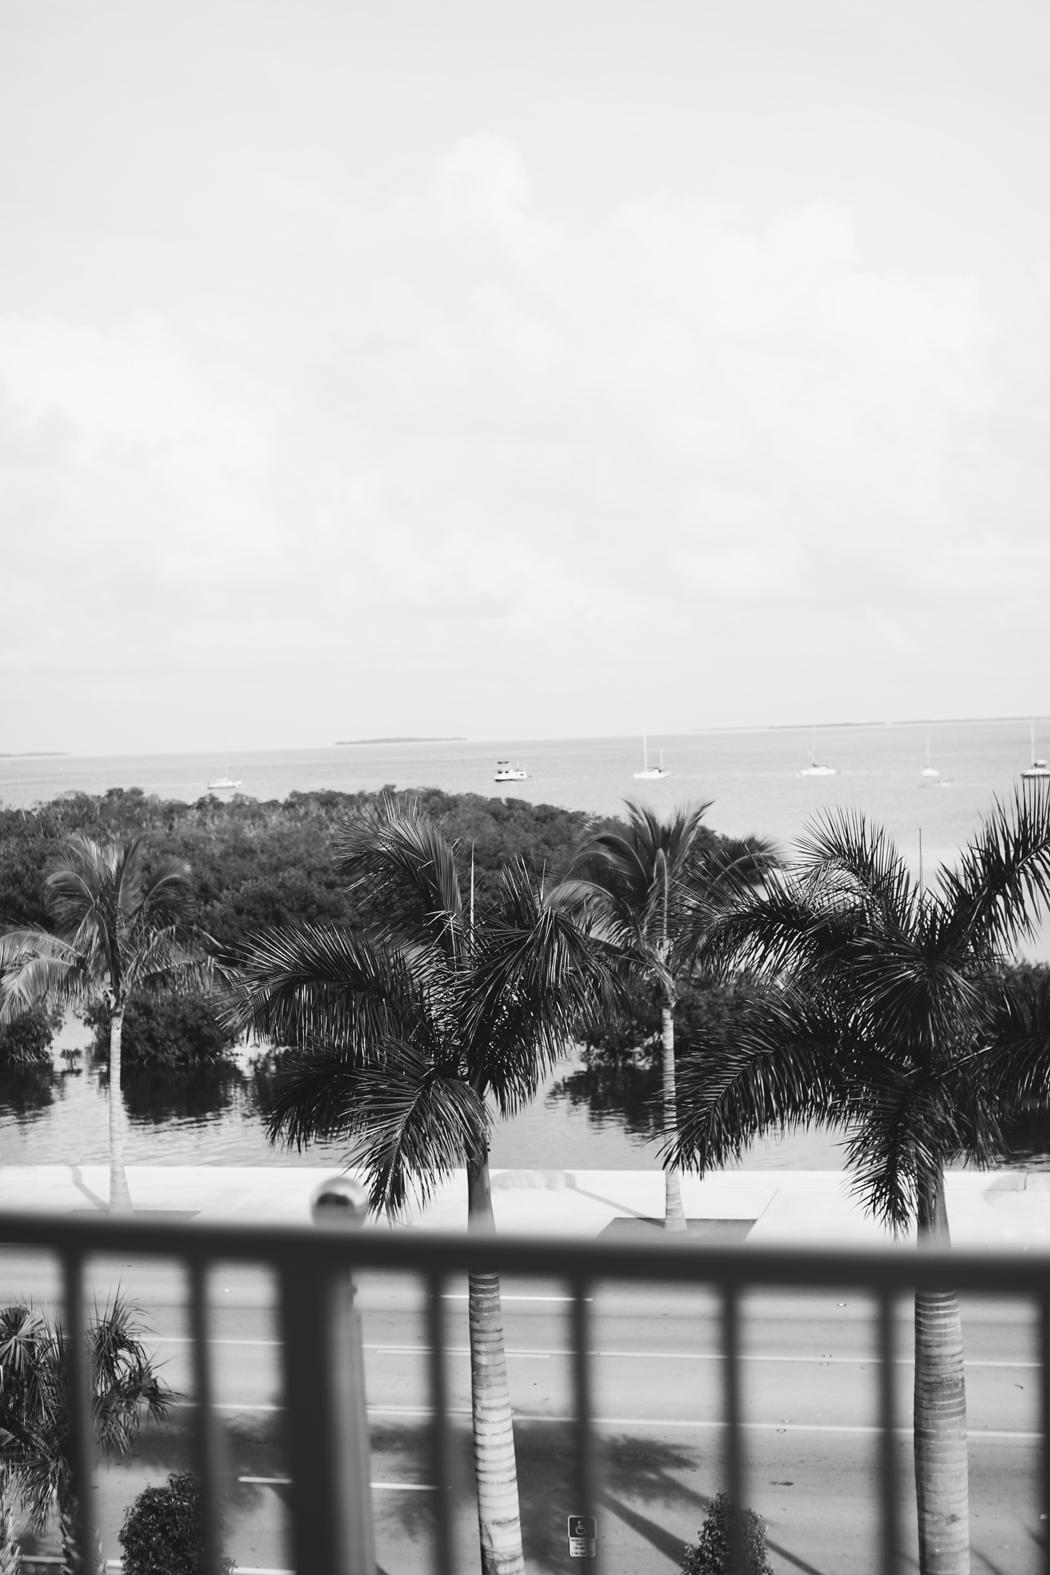 The Dashing Rider 24th North Hotel Key West